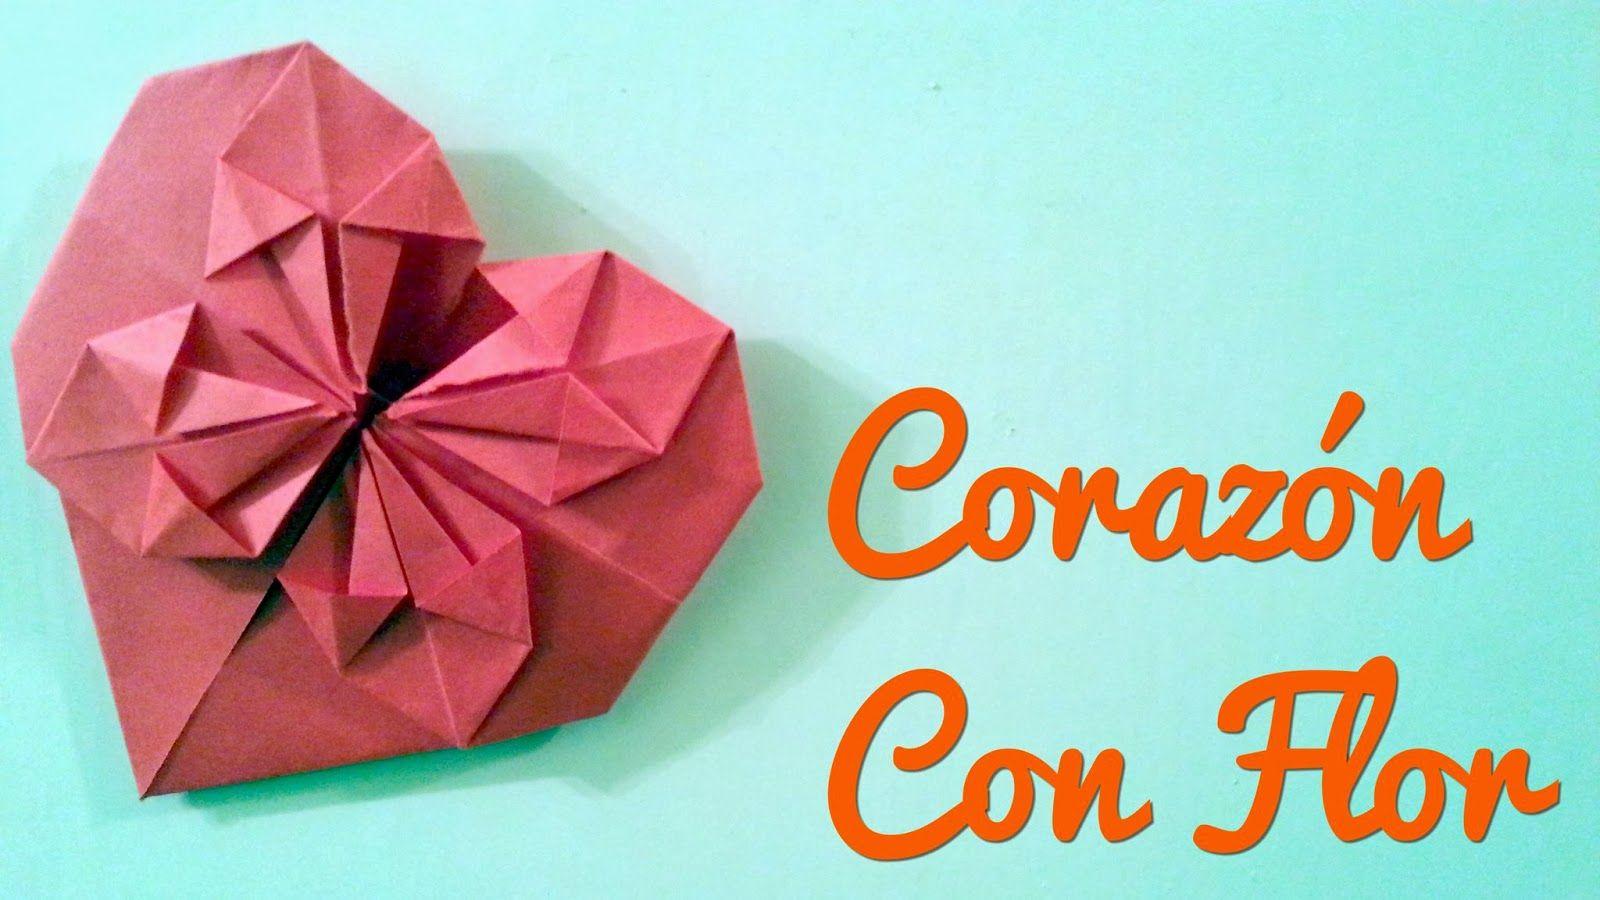 Corazon Con Flor Origami Manualidades Para San Valentin Un Mundo De Manualidades Artesania Con Papel Origami Diagrama De Corazon